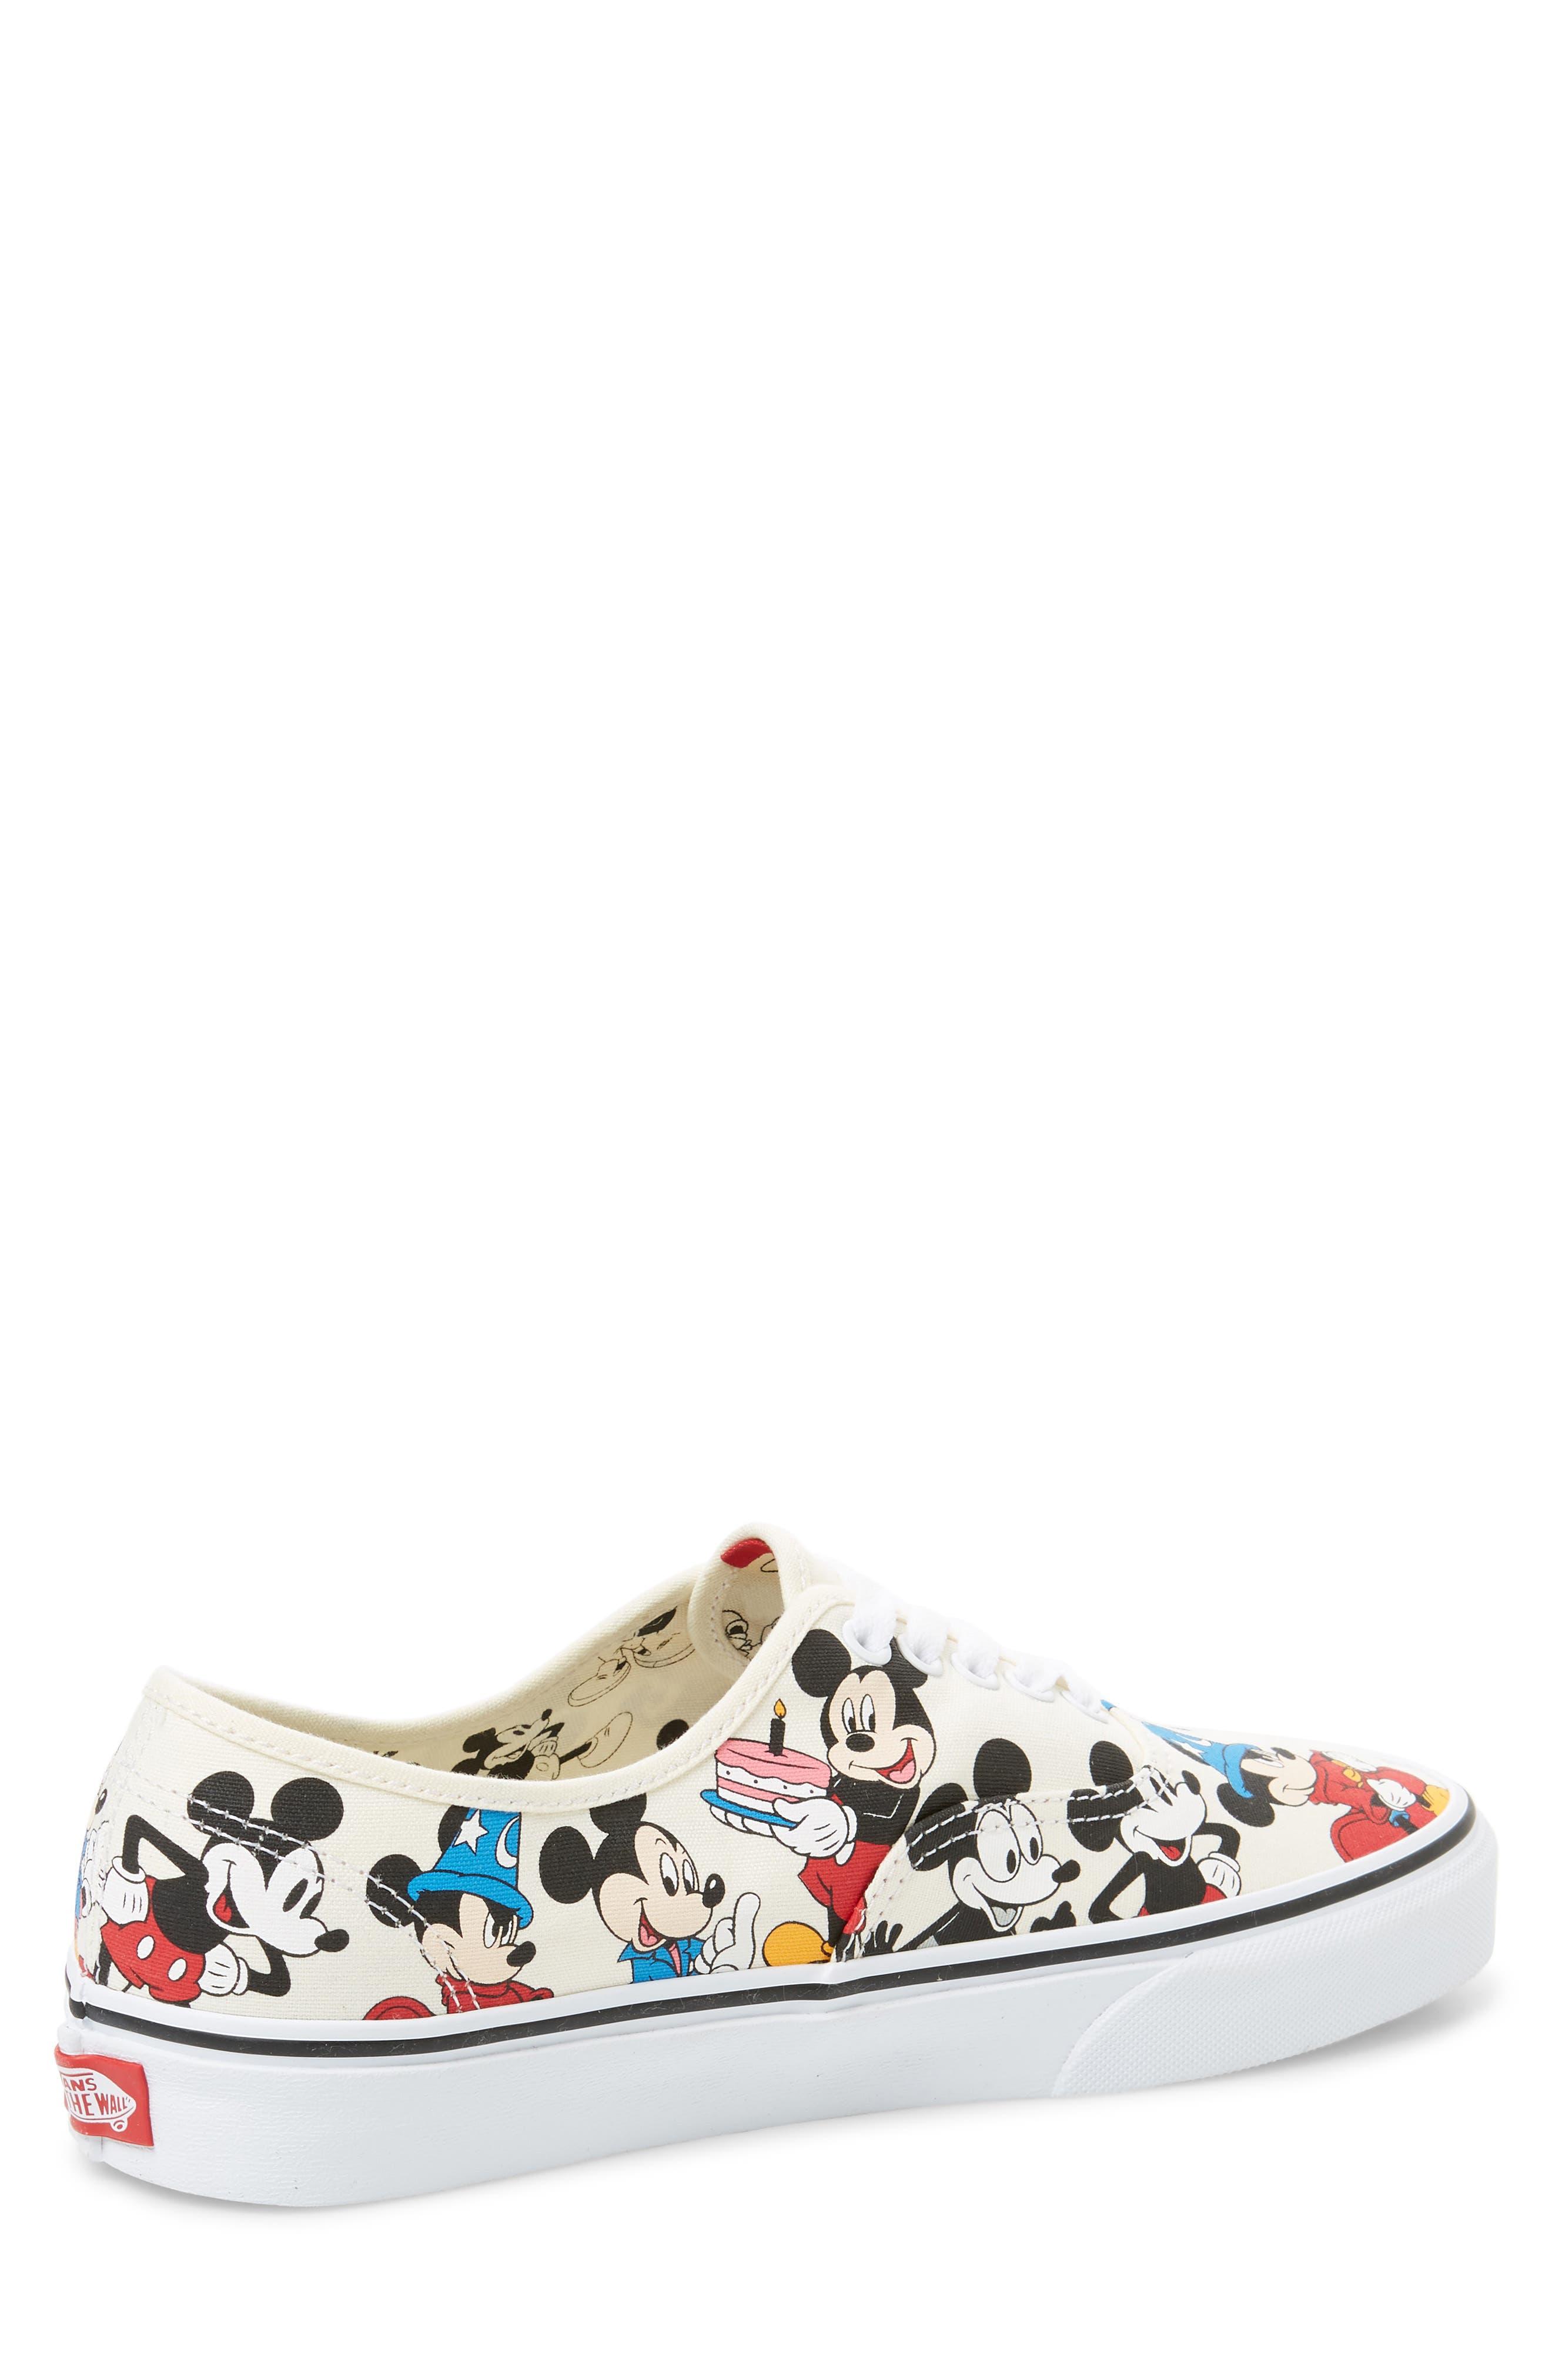 VANS, x Disney Authentic Low Top Sneaker, Alternate thumbnail 2, color, 250